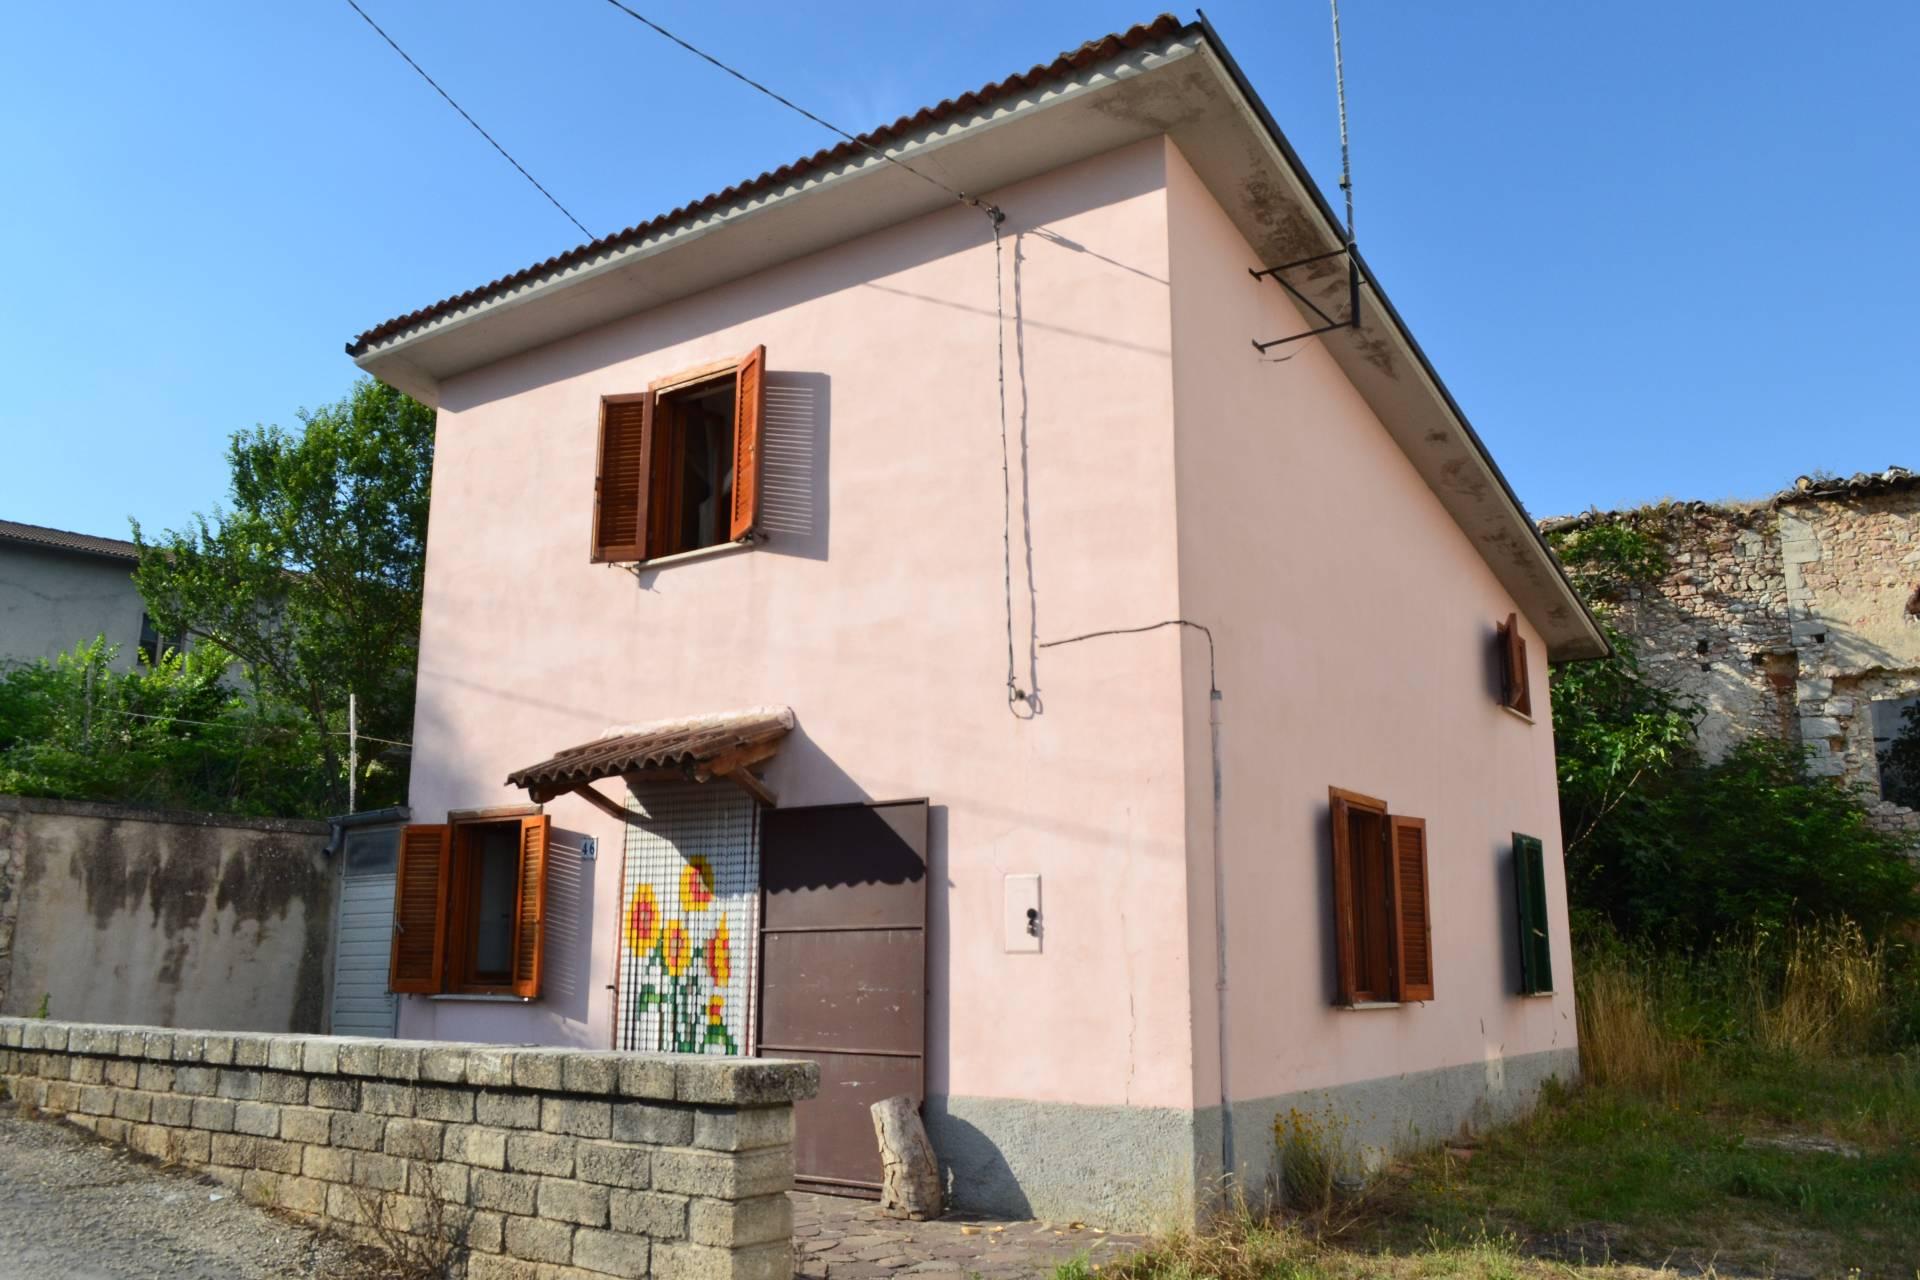 Soluzione Indipendente in vendita a Cascia, 3 locali, zona Località: PoggioPrimocaso, prezzo € 48.000 | Cambio Casa.it